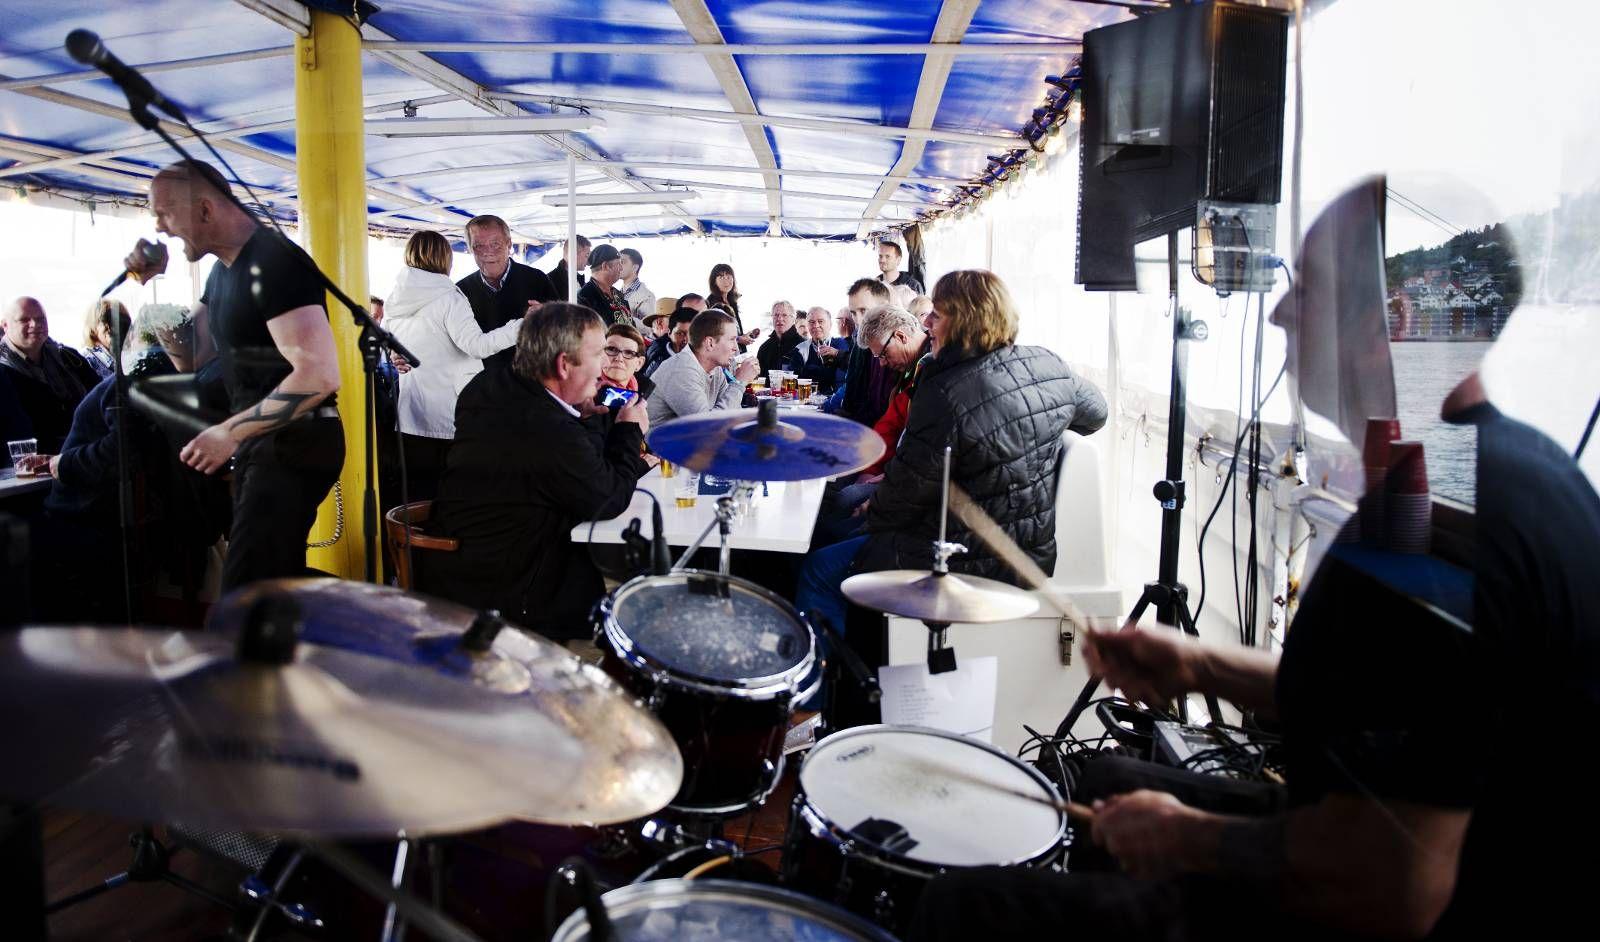 """CRUISE NUMMER 14: Det var rutinerte Frigaard bluesband som spilte opp til bluescruise på MS """"Midthordland"""" i går. Bandet består av Terje Frigaard (vokal og munnspill), Jan Petter Ågotnes (trommer), Petter Sæverud (bass) og Reino A. Småland (gitar)."""